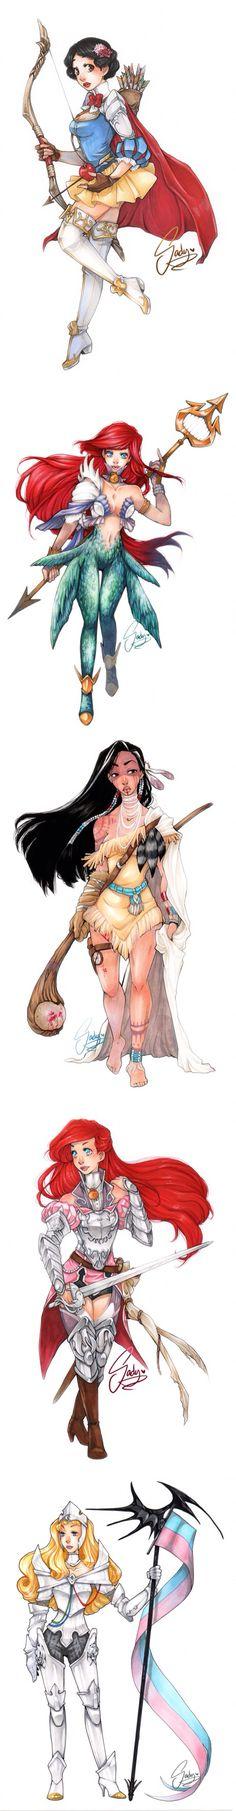 Warrior Disney Princesses